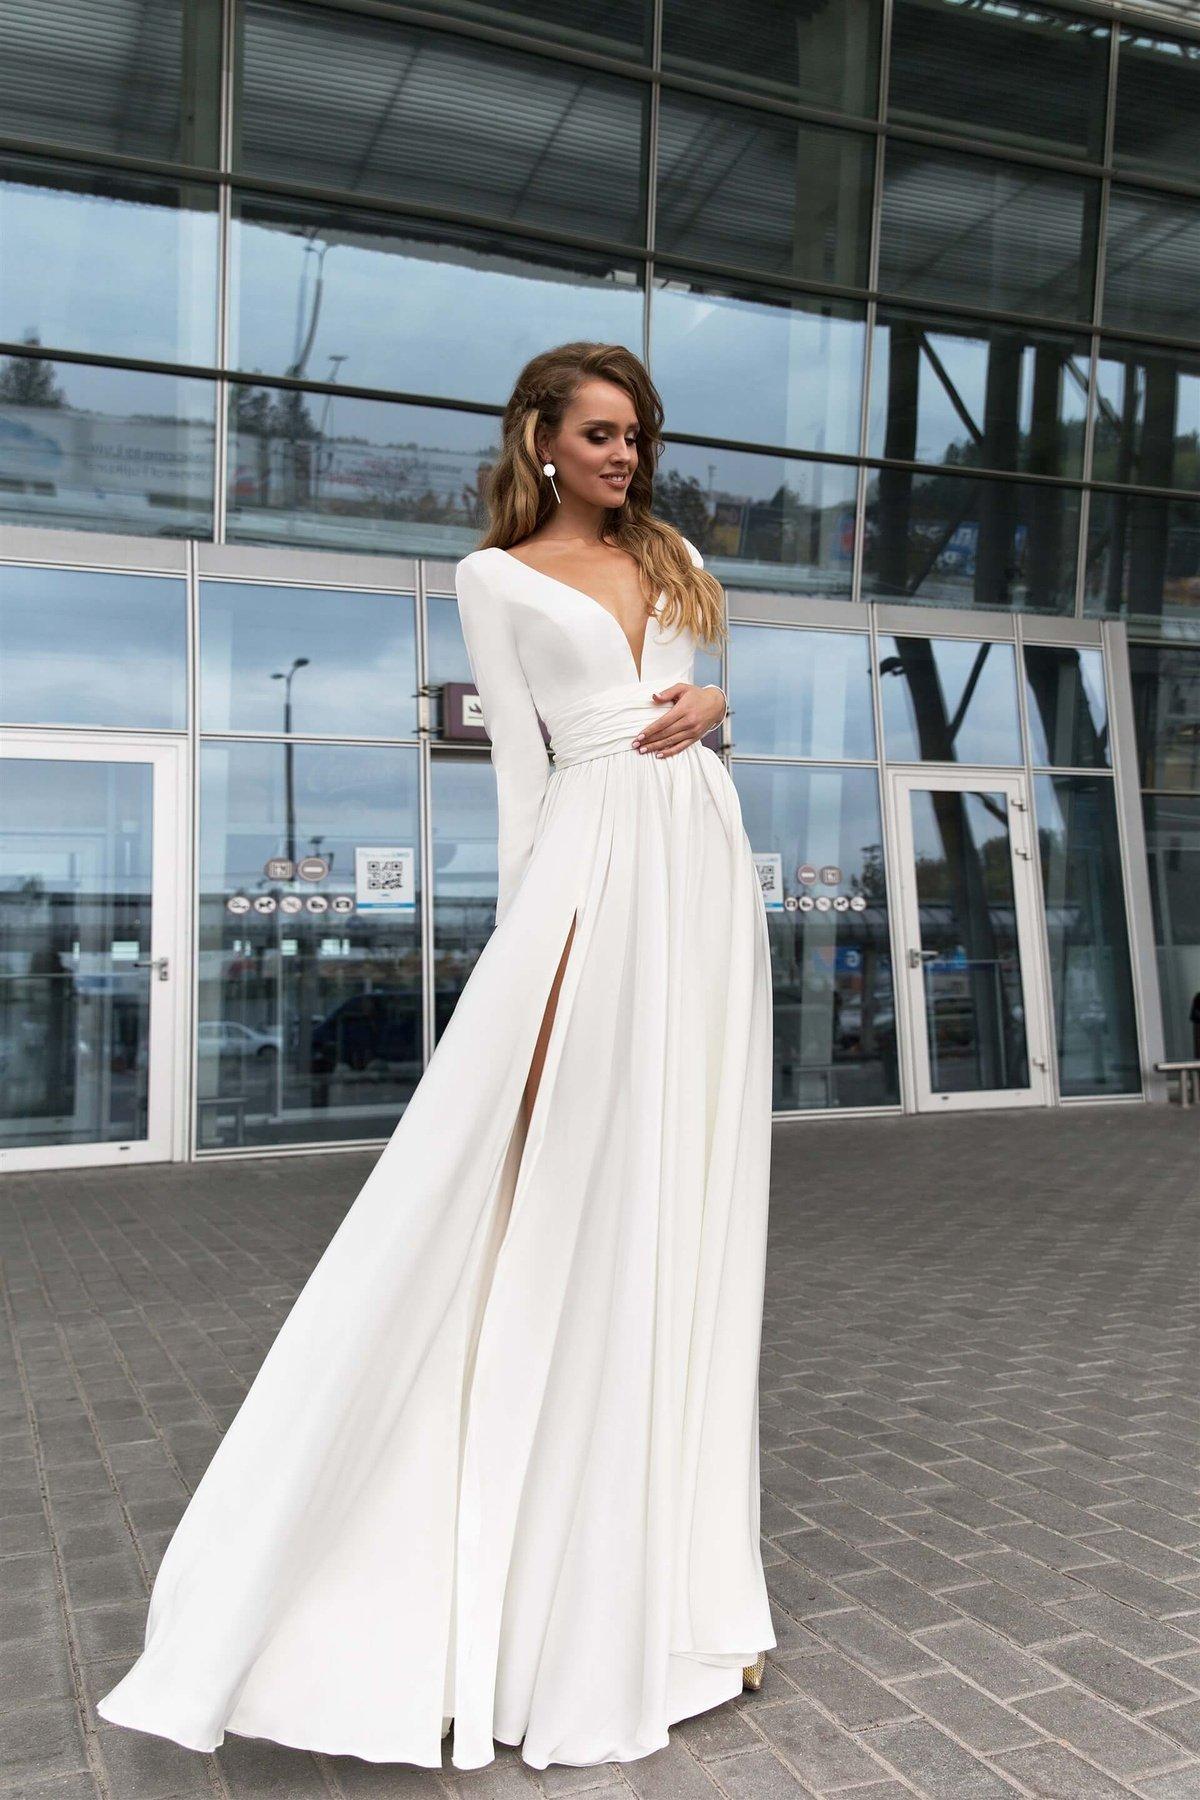 17a28eee044 Вечернее платье Selin White - купить коктейльные платья и вечерние ...